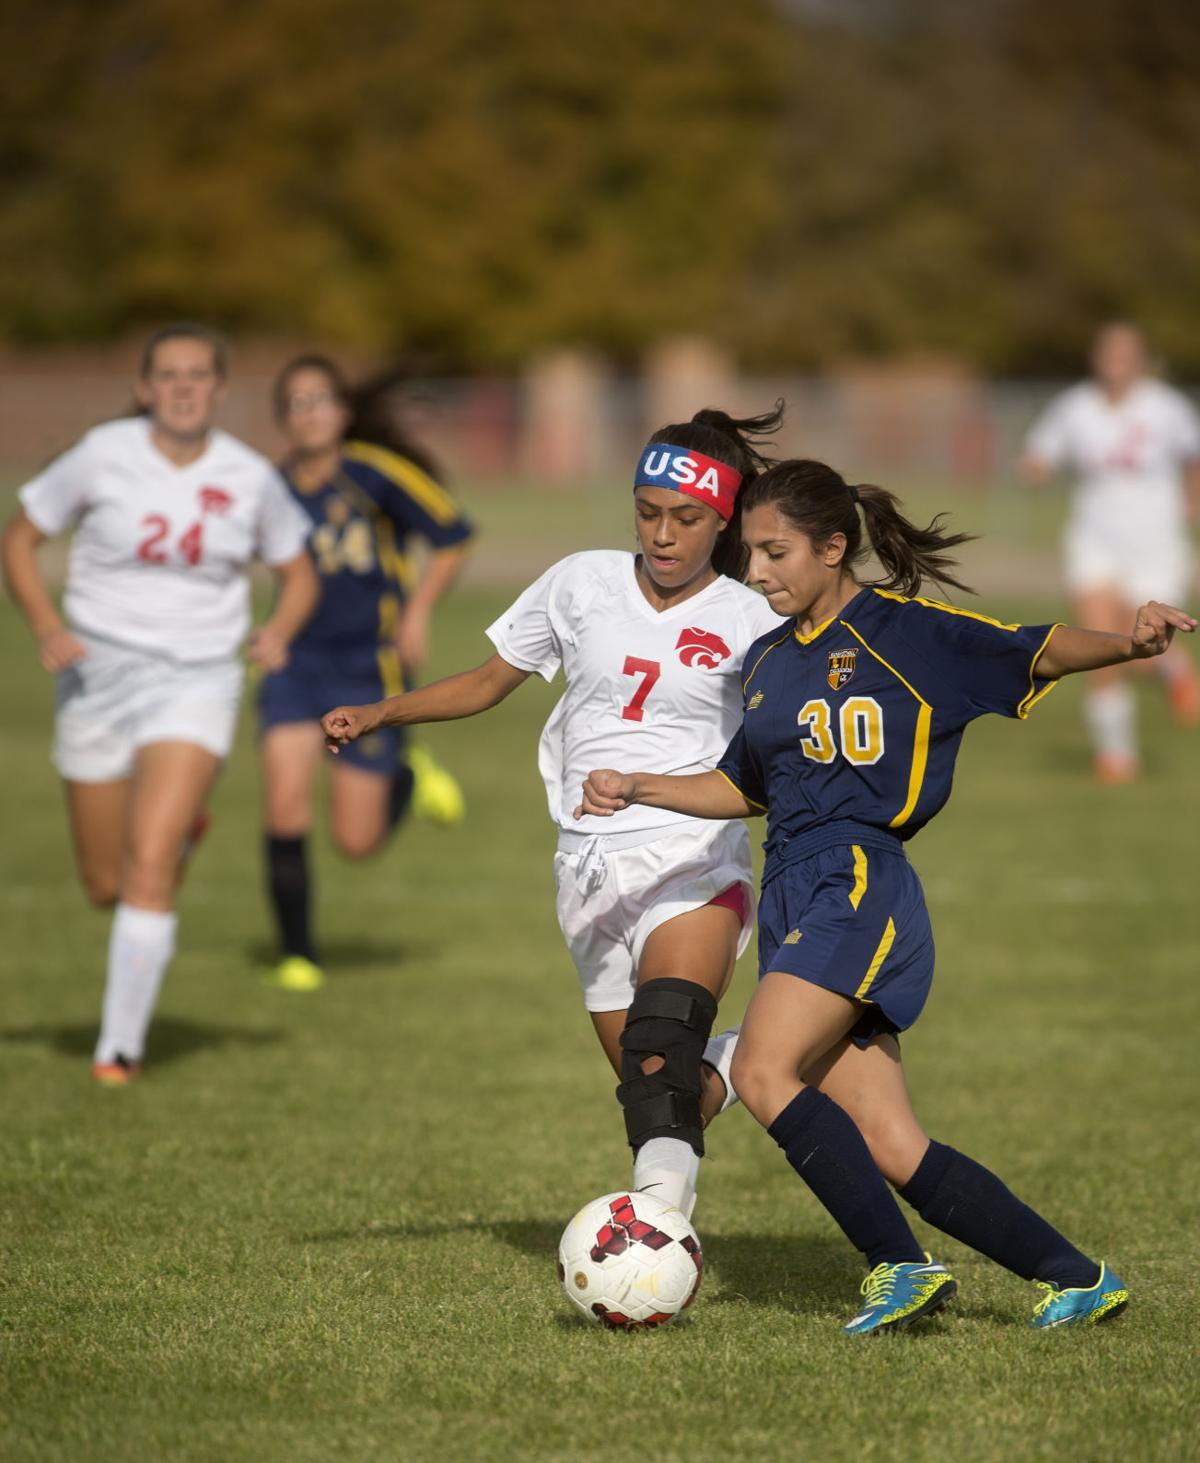 Girls Soccer - Wendell Vs. Filer